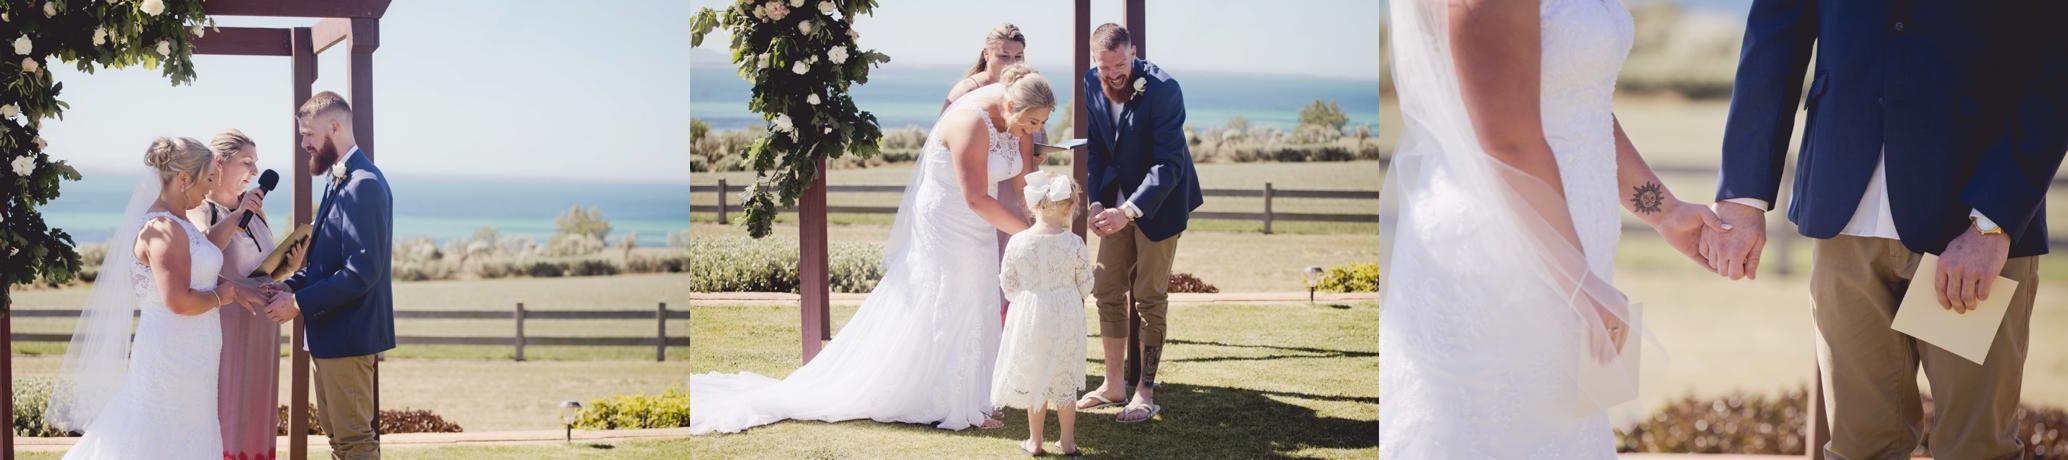 family Photos Geelong_1525.jpg